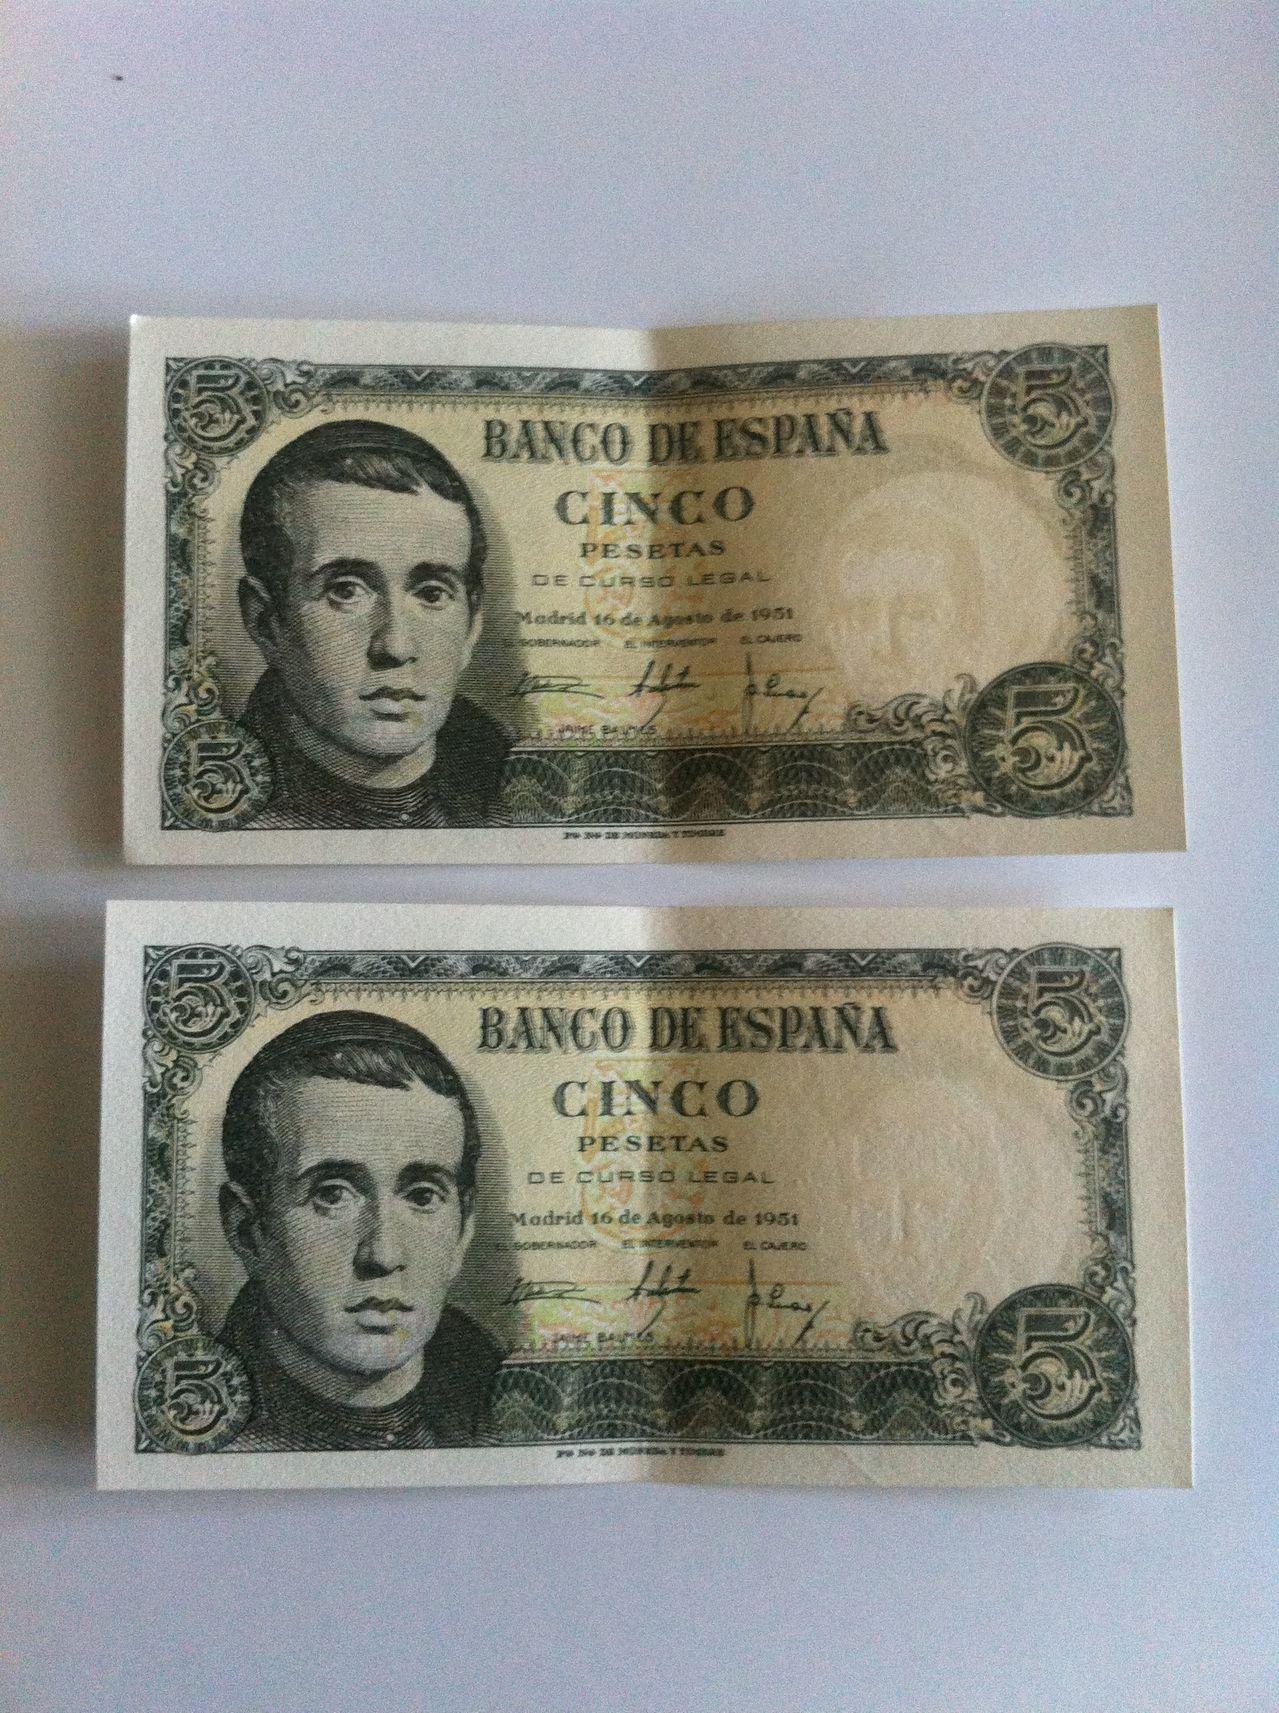 Ayuda para valorar coleccion de billetes IMG_4954